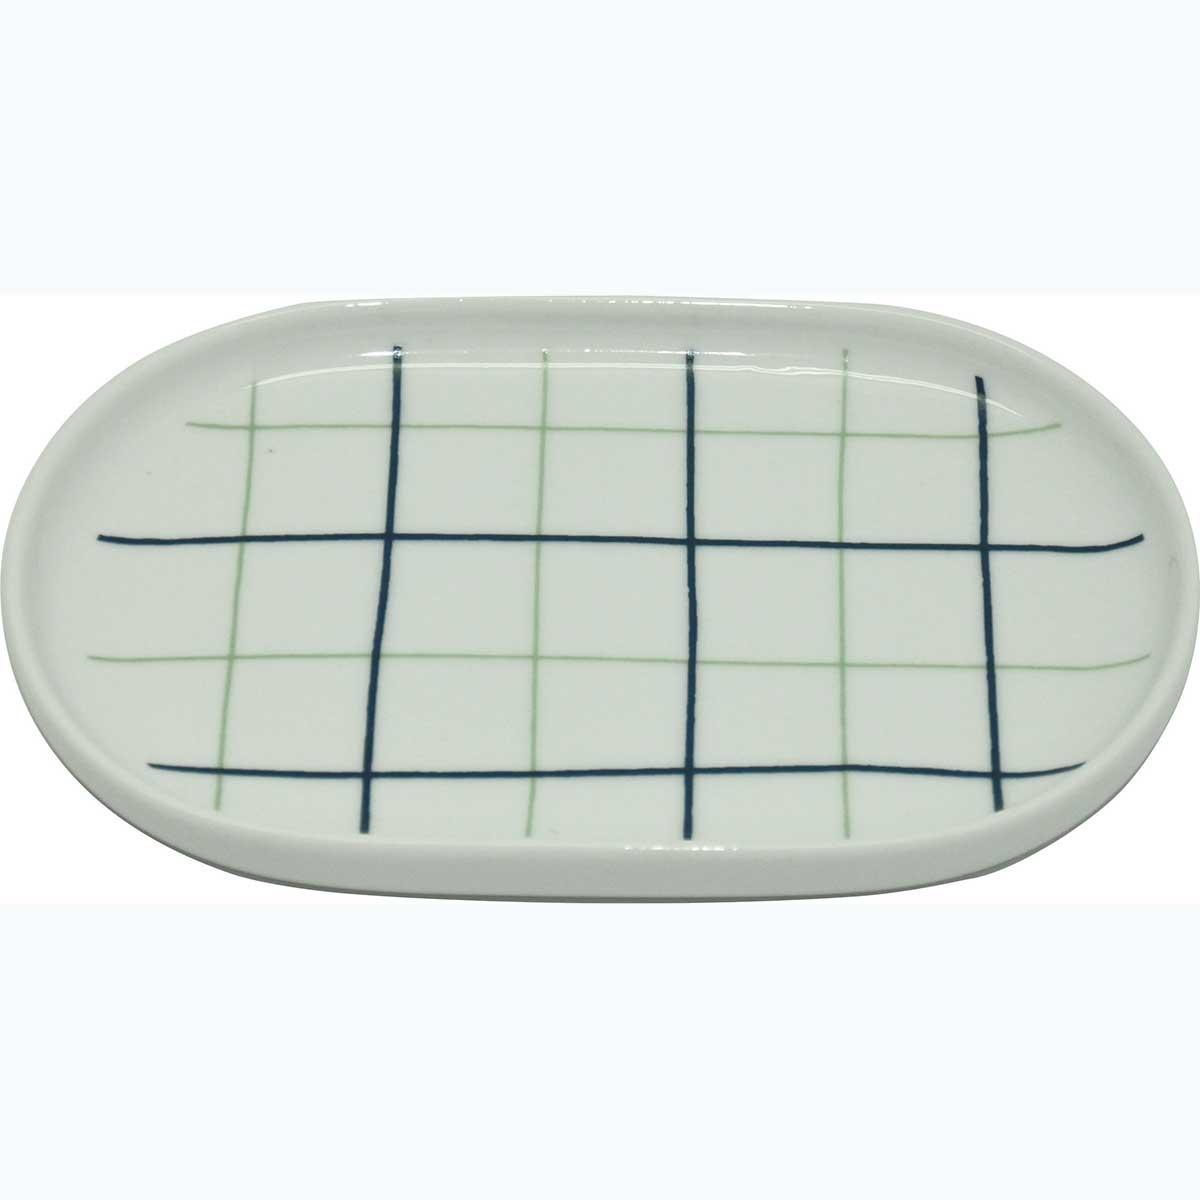 Porte savon en porcelaine à carreaux bleus (blanc / bleu)